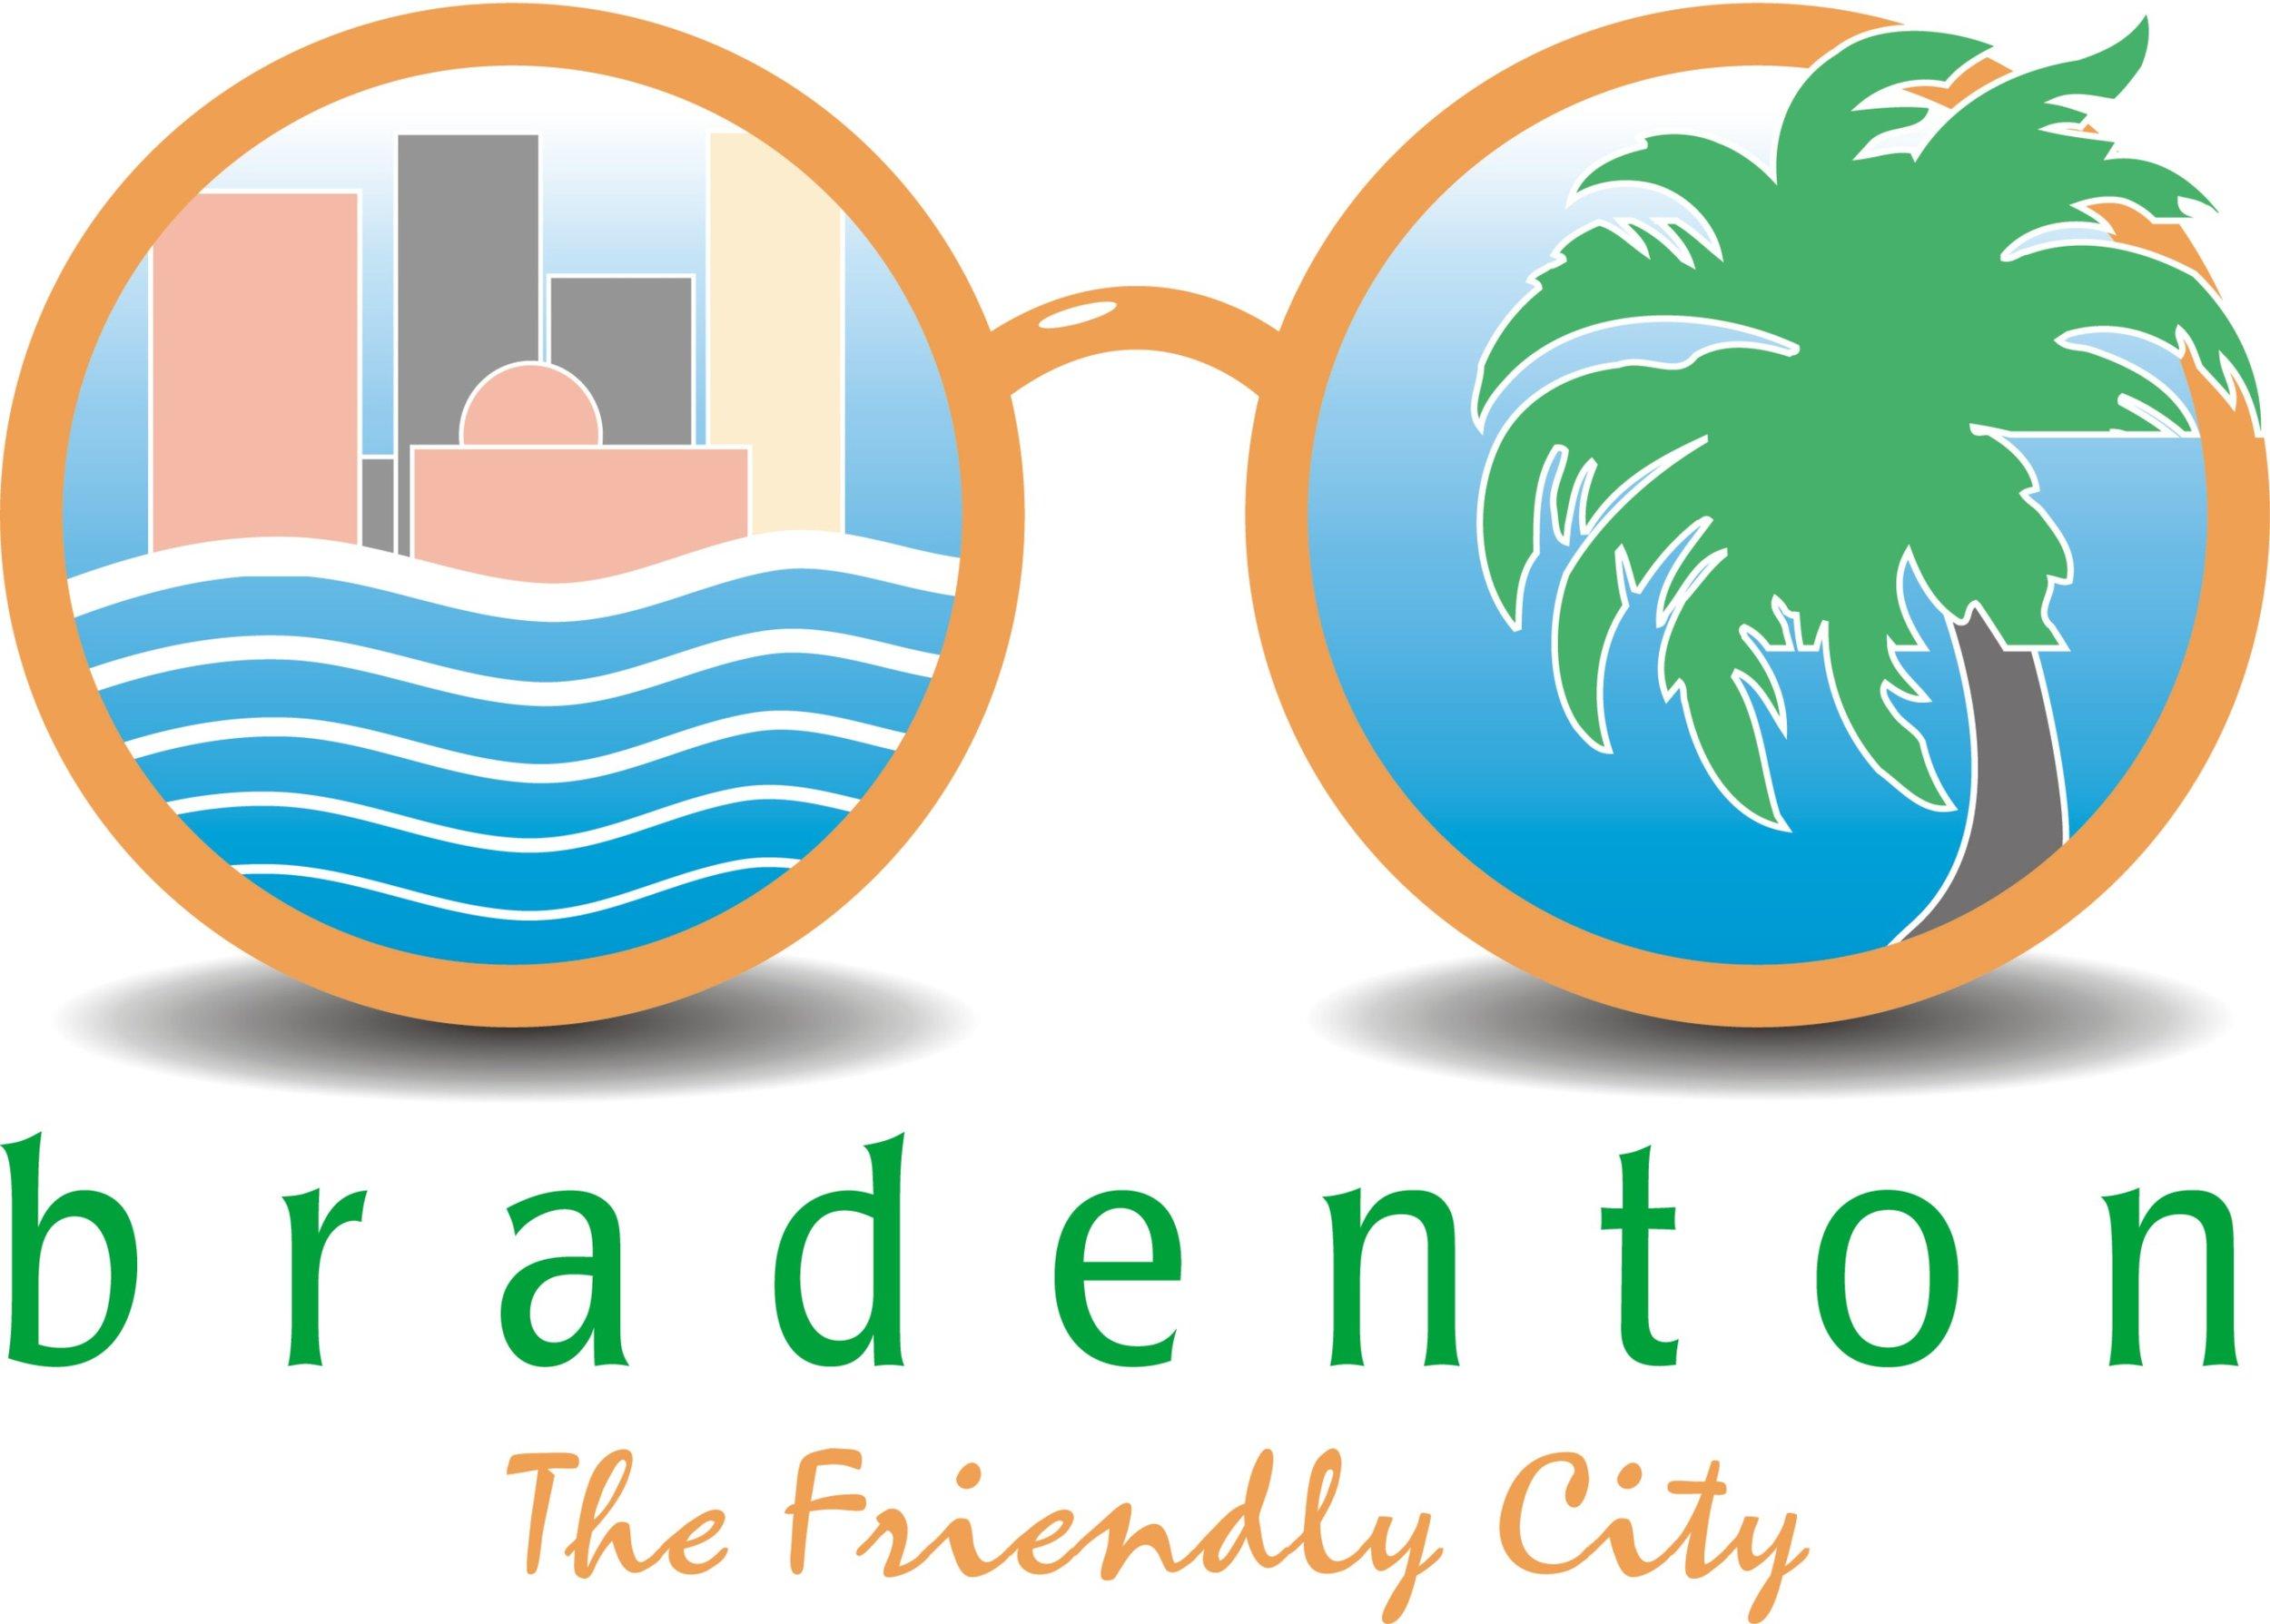 City of Bradenton.jpg